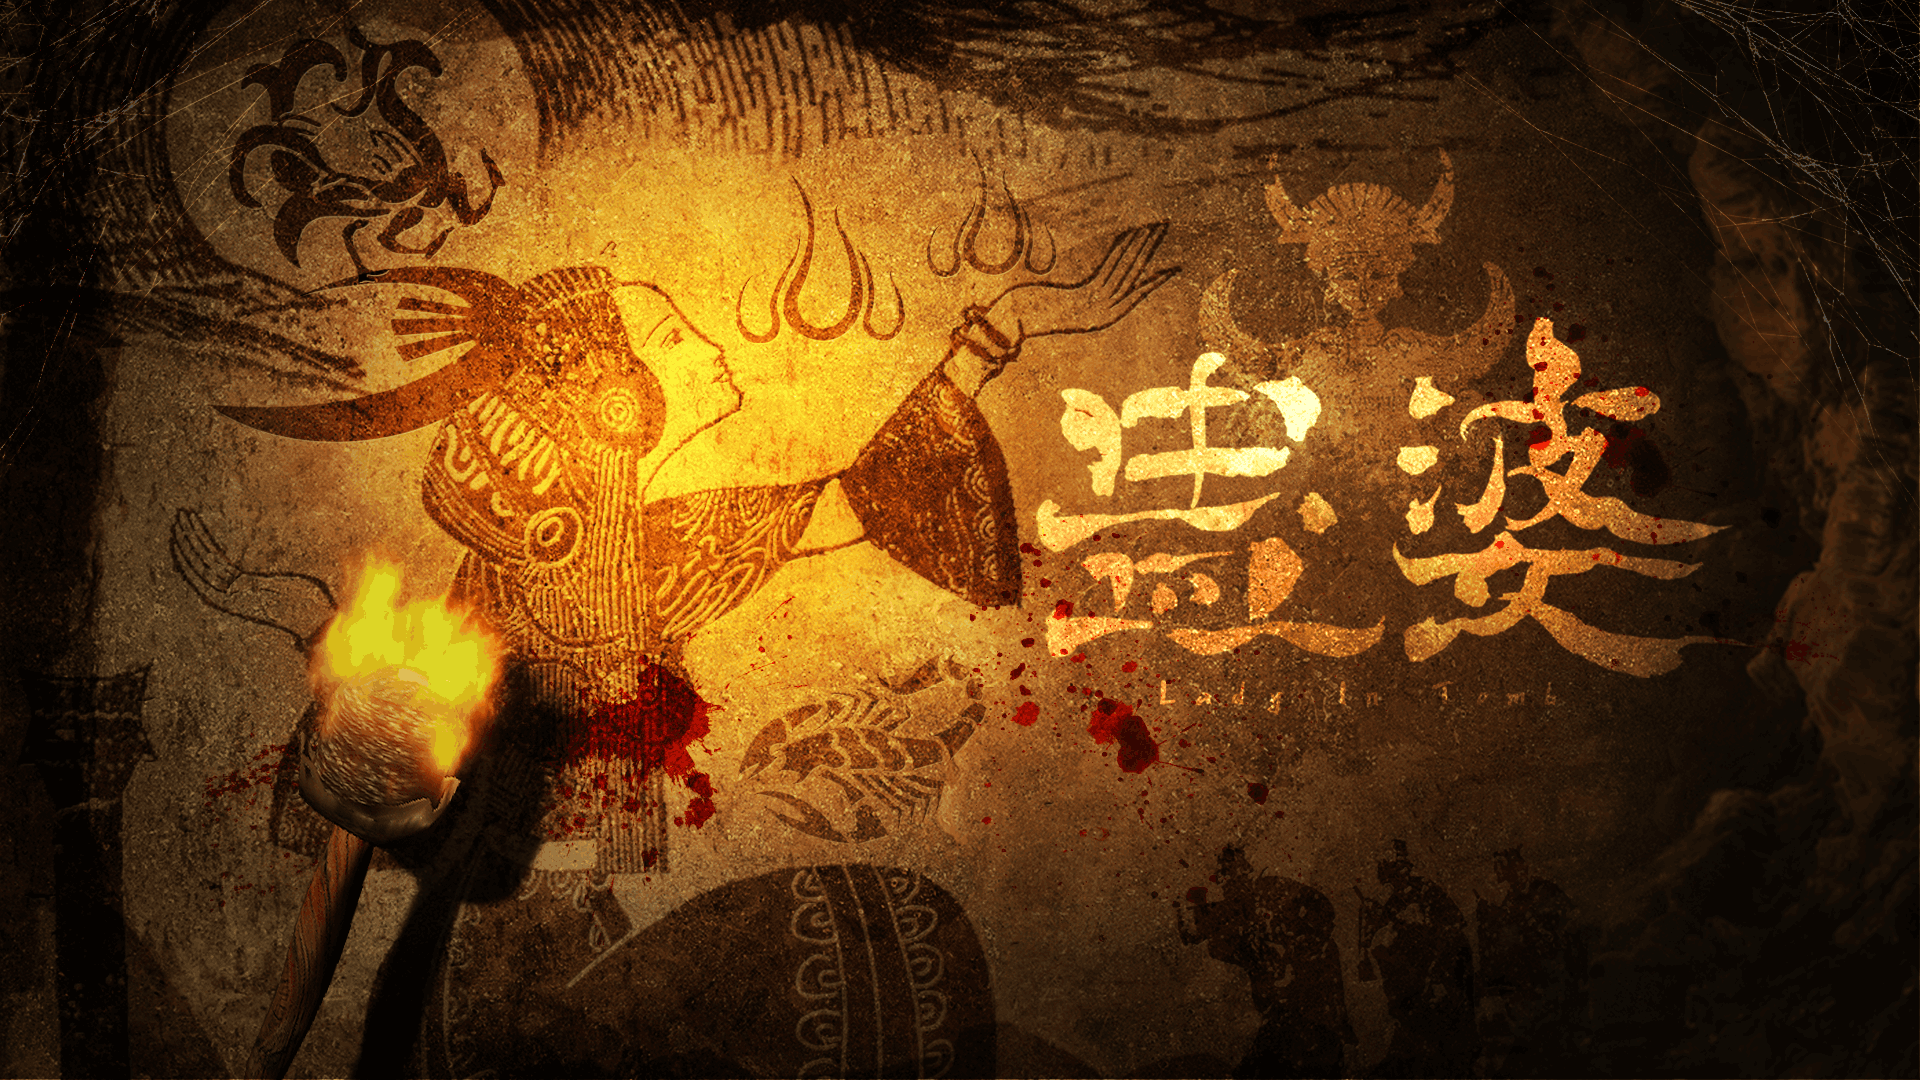 国产解谜冒险游戏《蛊婆》今日公布预告PV 预计夏季发售